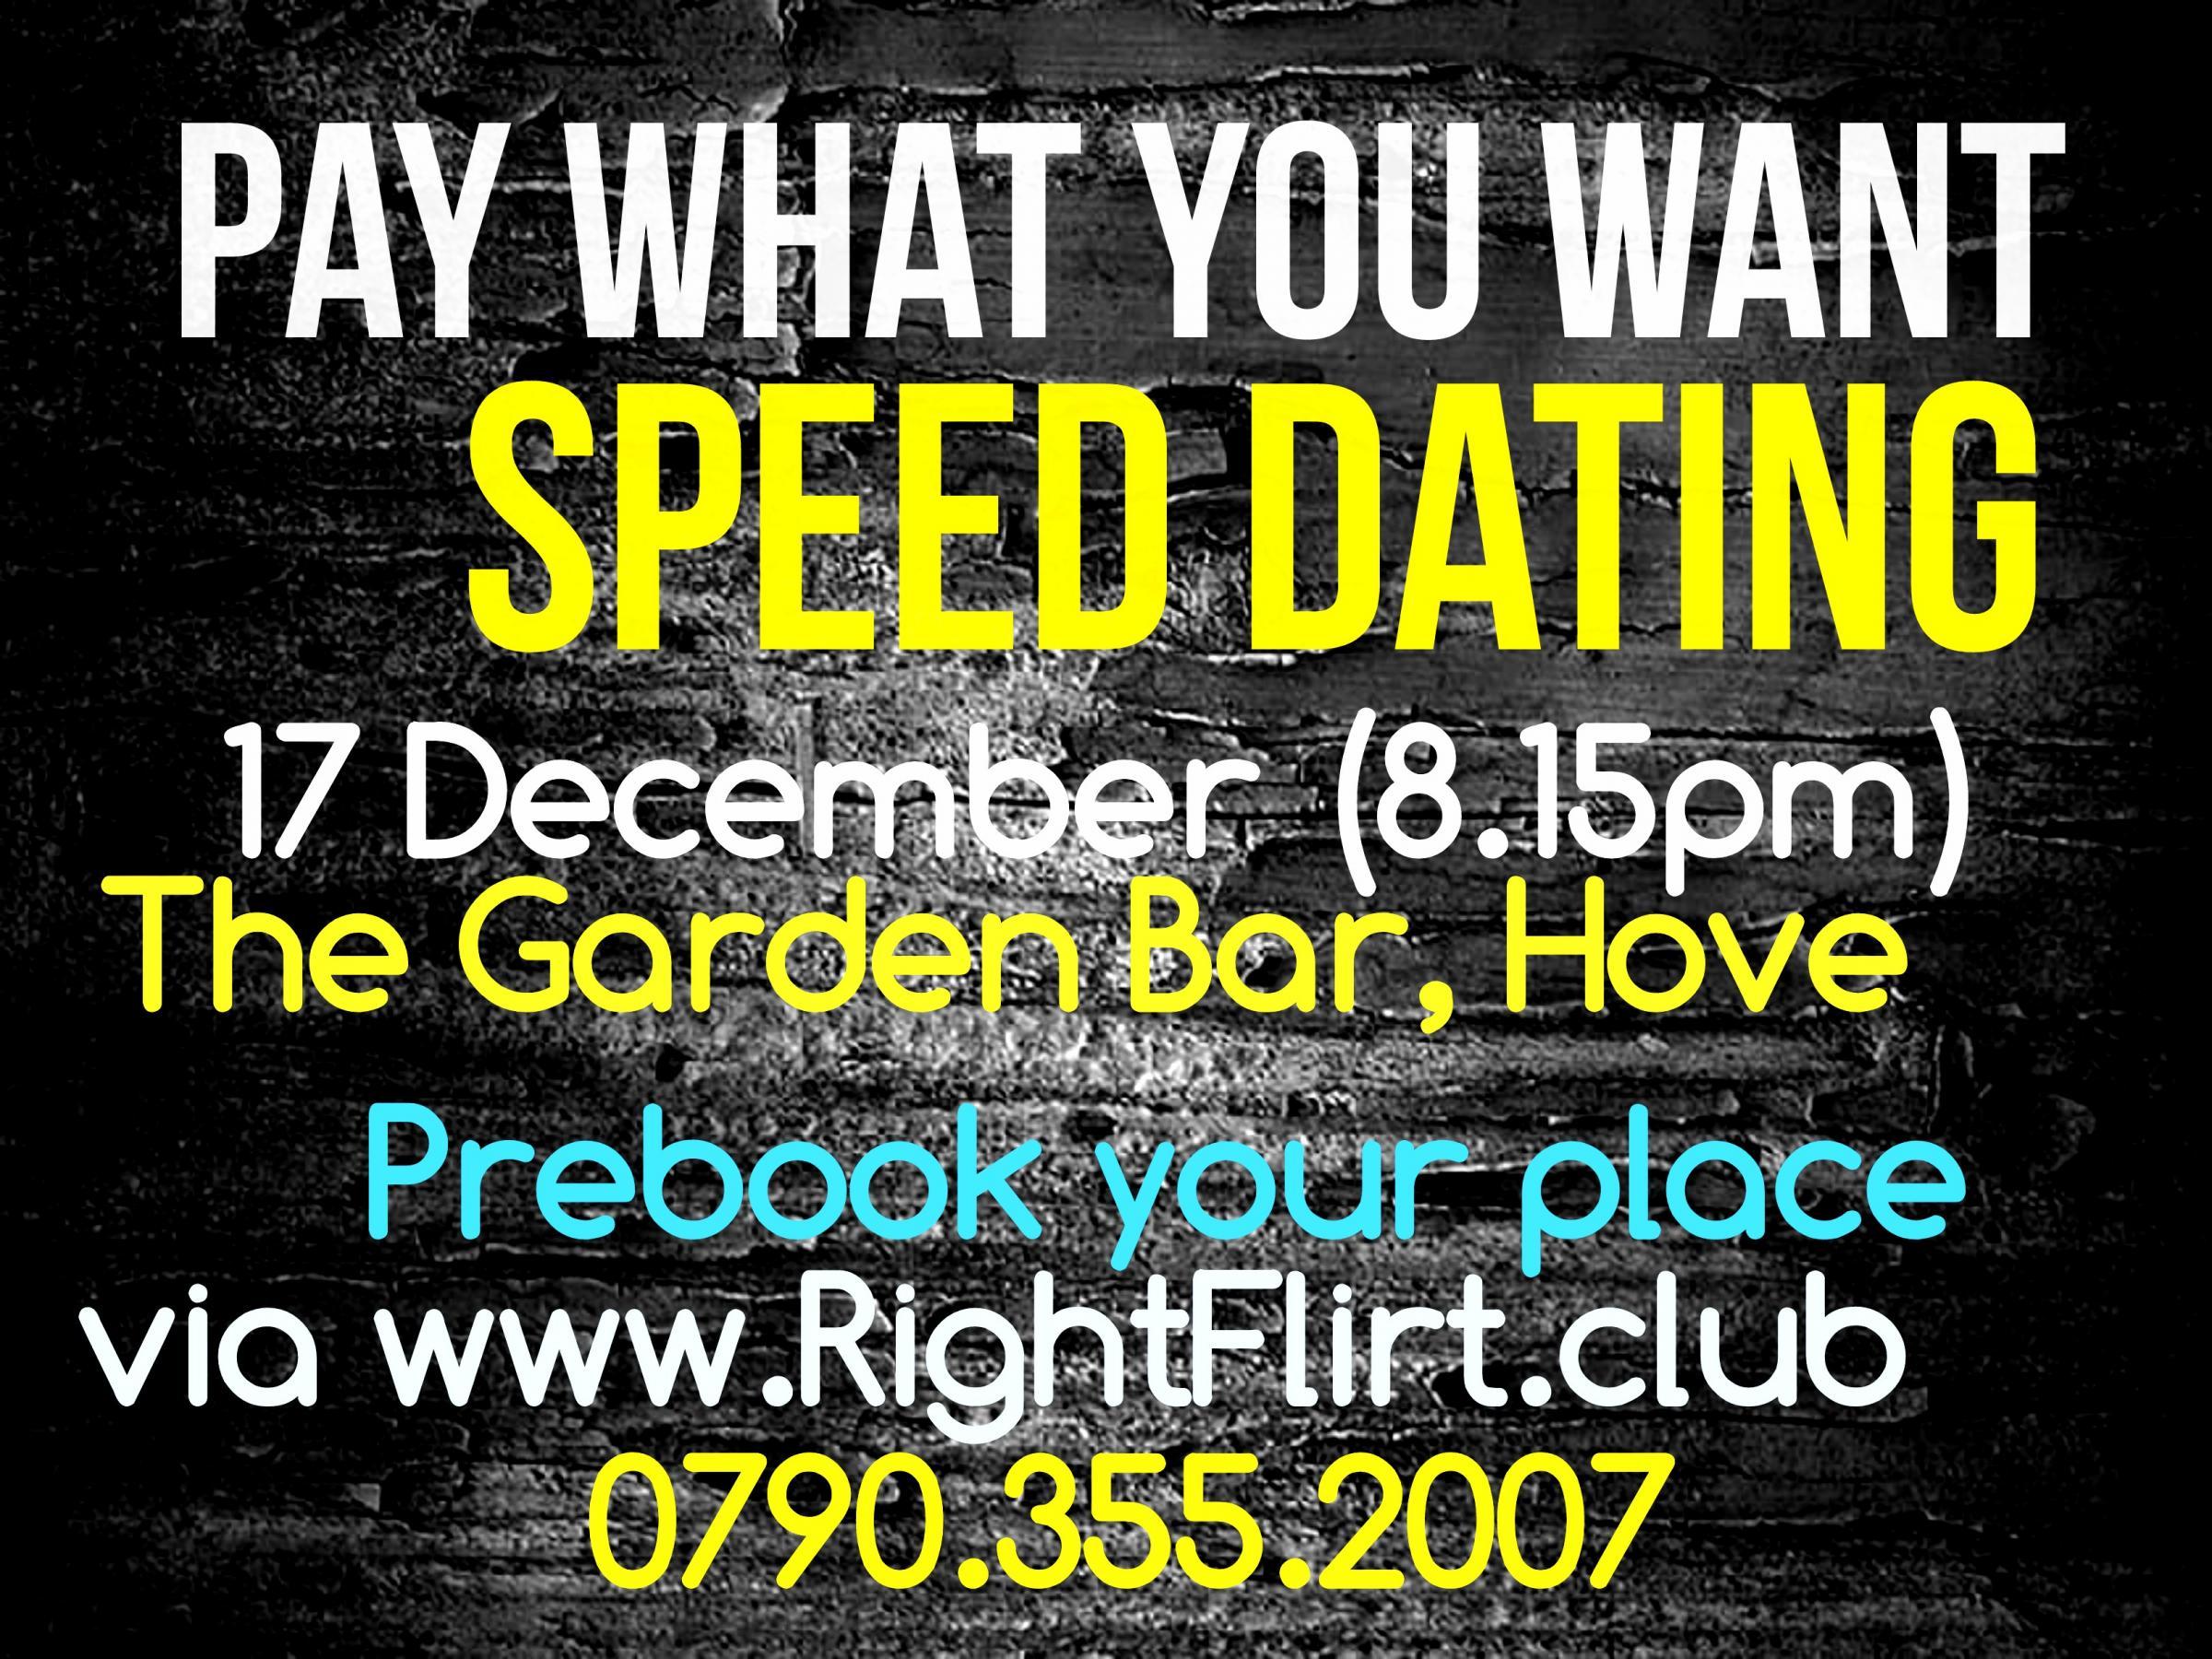 Brighton Gay nopeus dating näyte ensimmäinen yhteys tiedot online dating